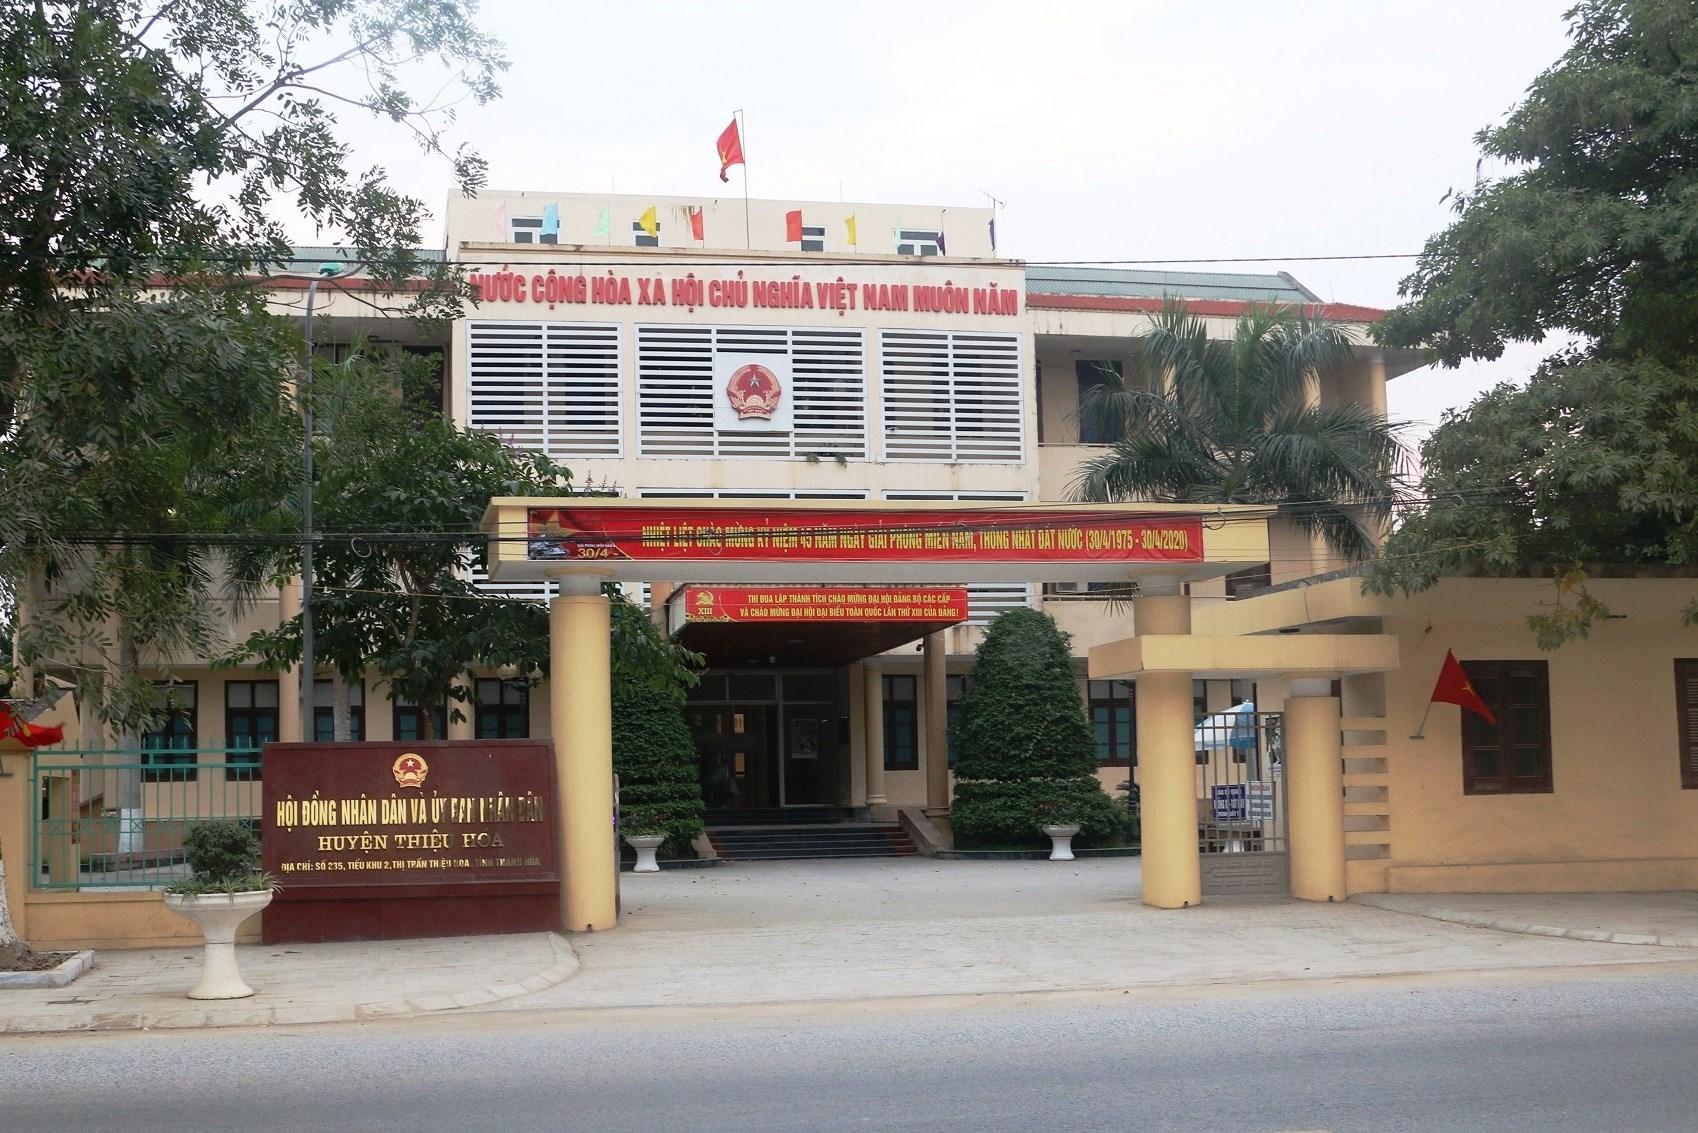 UBND huyện Thiệu Hóa sẽ kiện UBND xã Thiệu Công vì không chịu trả nợ!